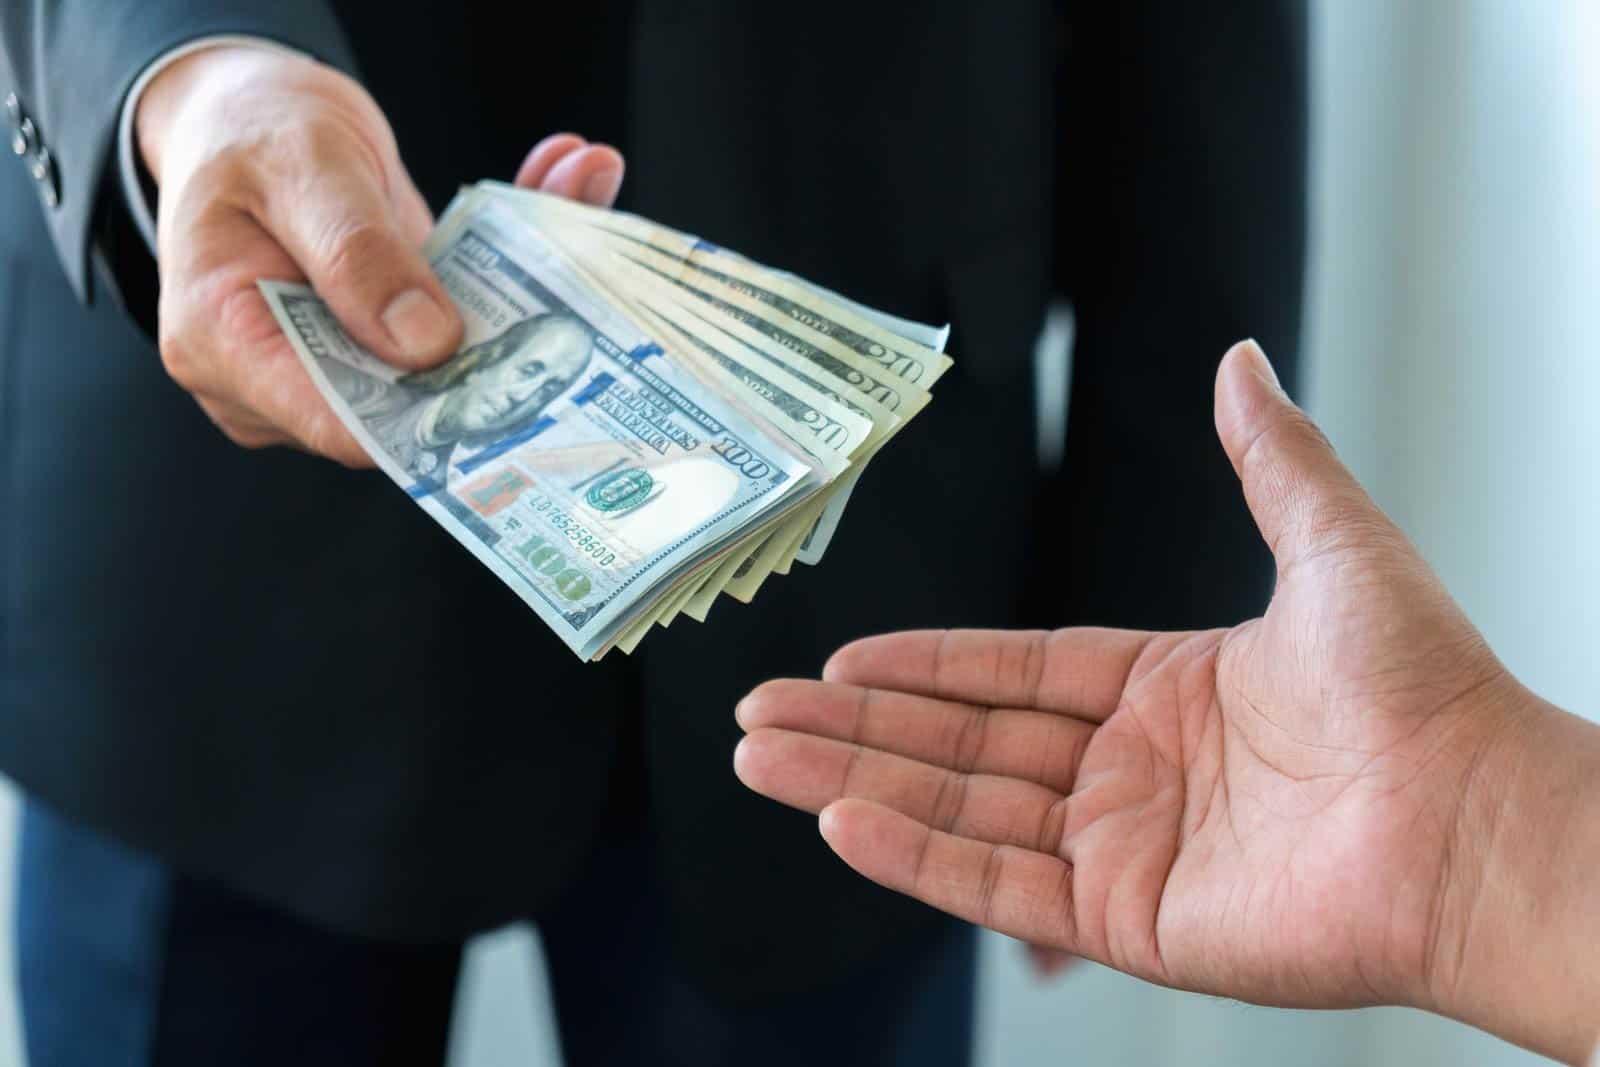 Posudba novca uz kamatu